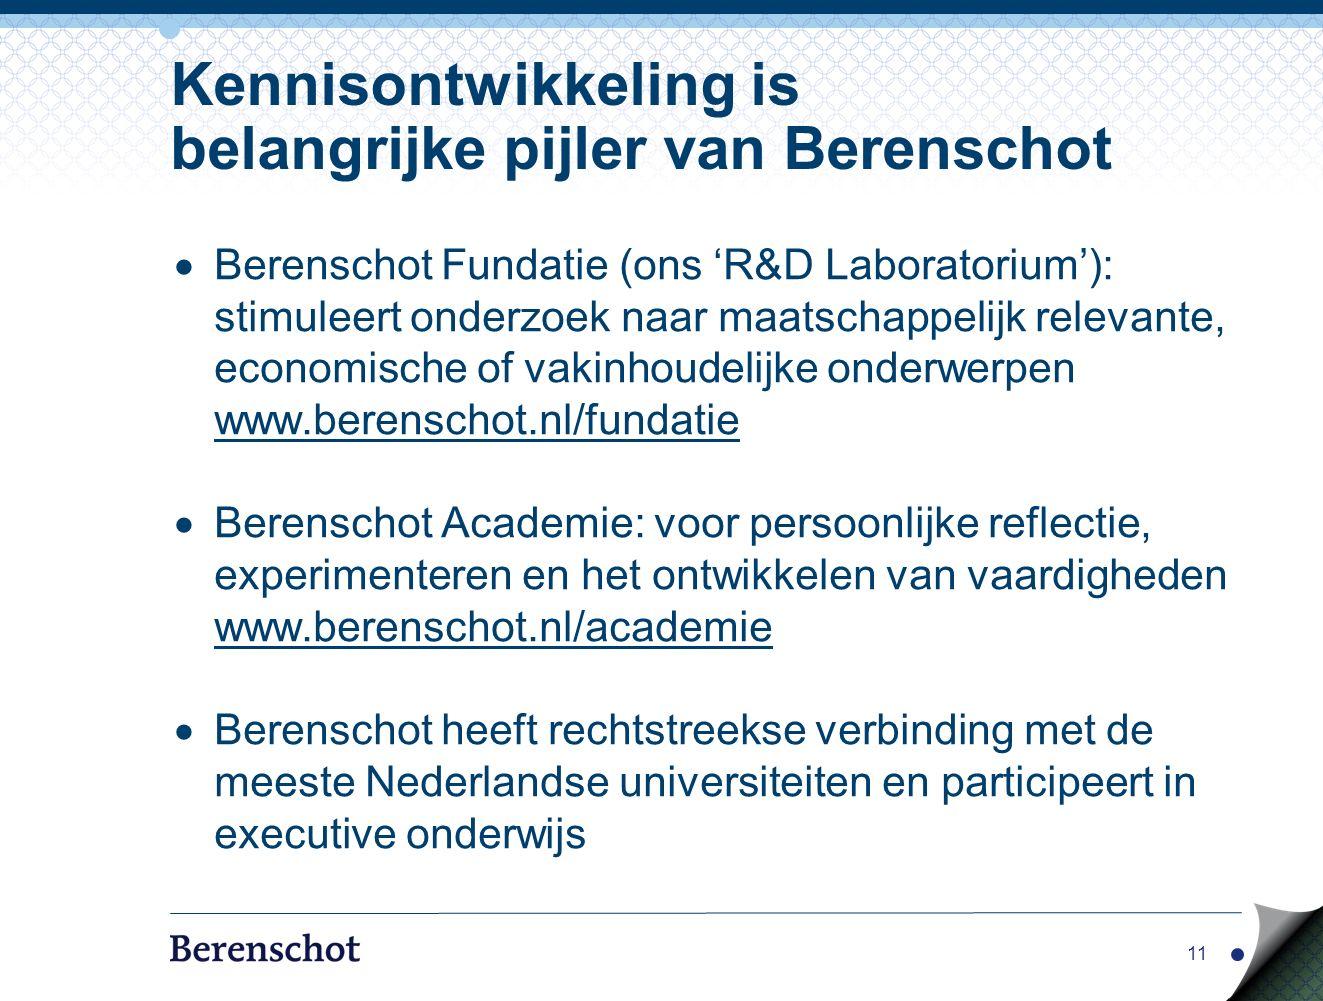  Berenschot Fundatie (ons 'R&D Laboratorium'): stimuleert onderzoek naar maatschappelijk relevante, economische of vakinhoudelijke onderwerpen www.be